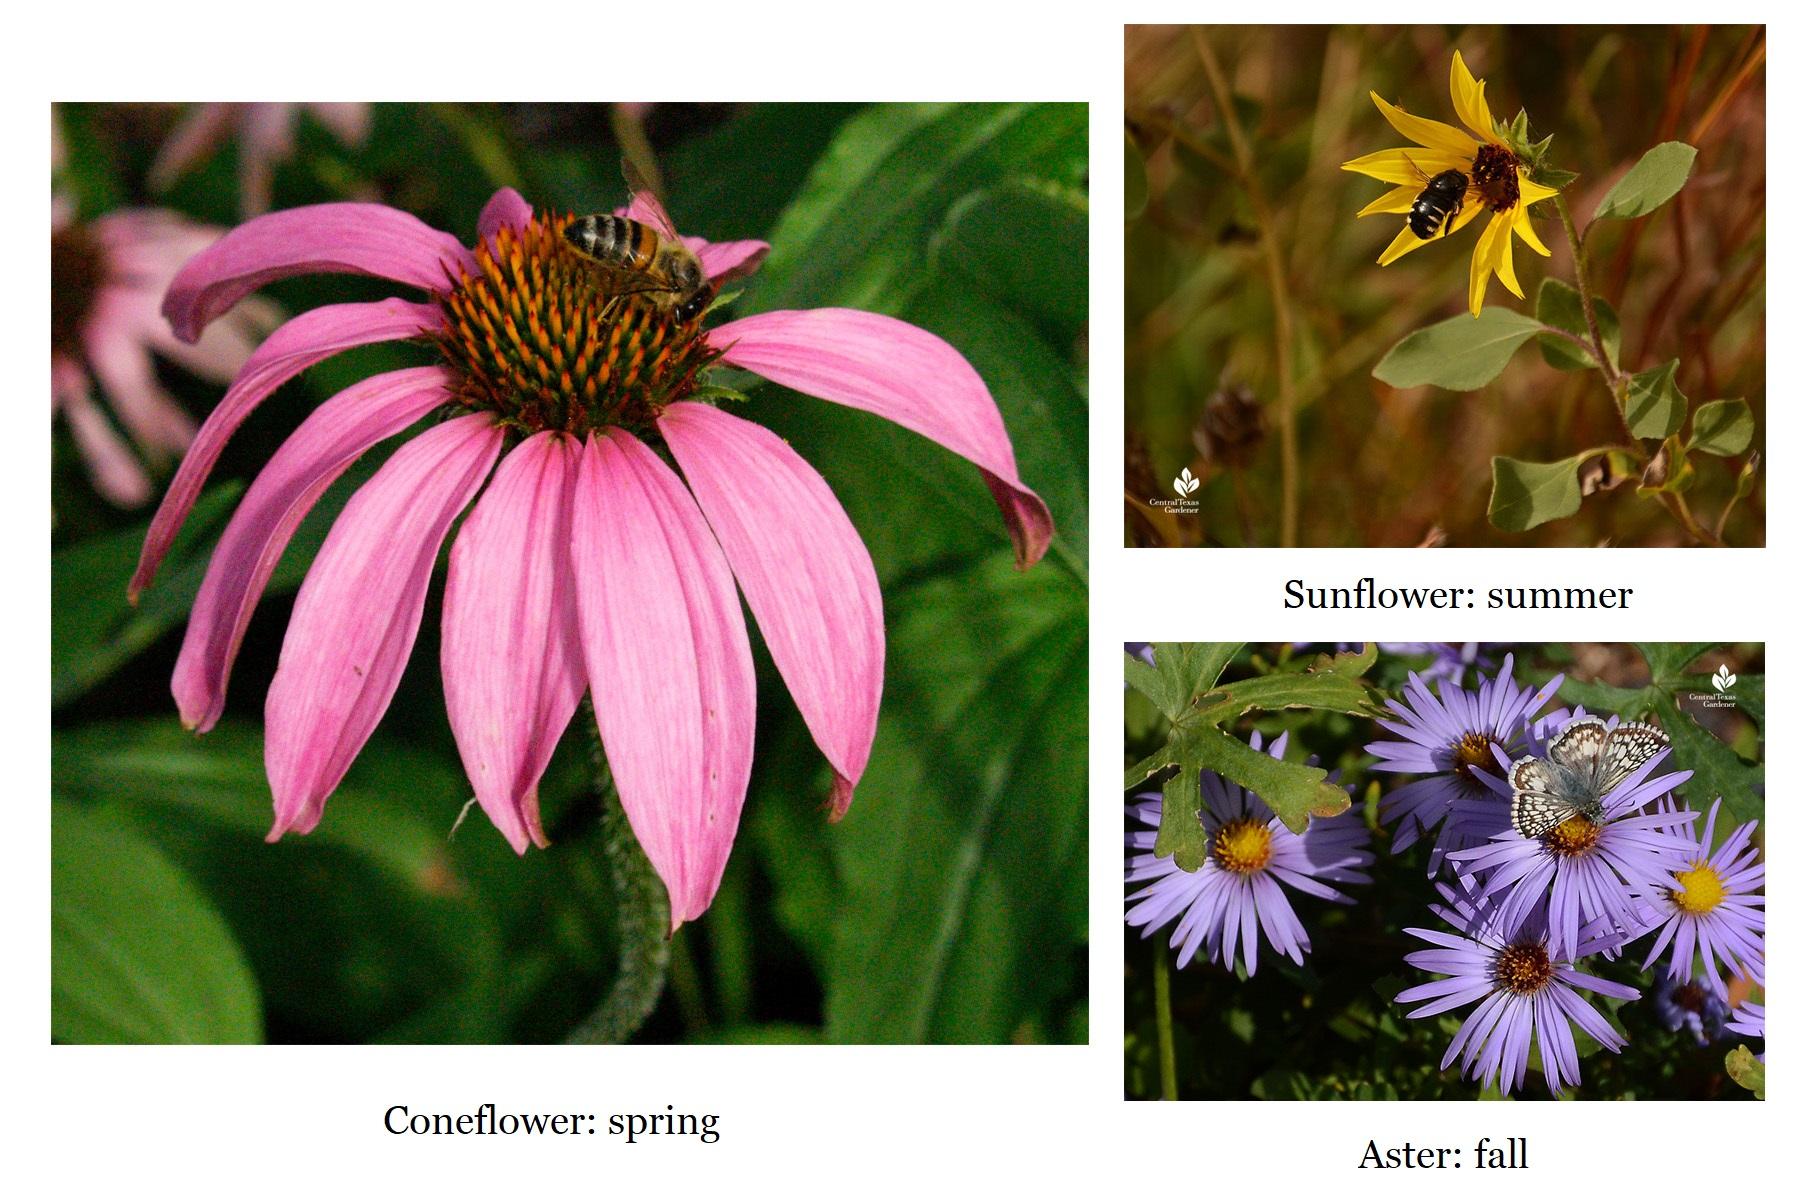 coneflower sunflower aster